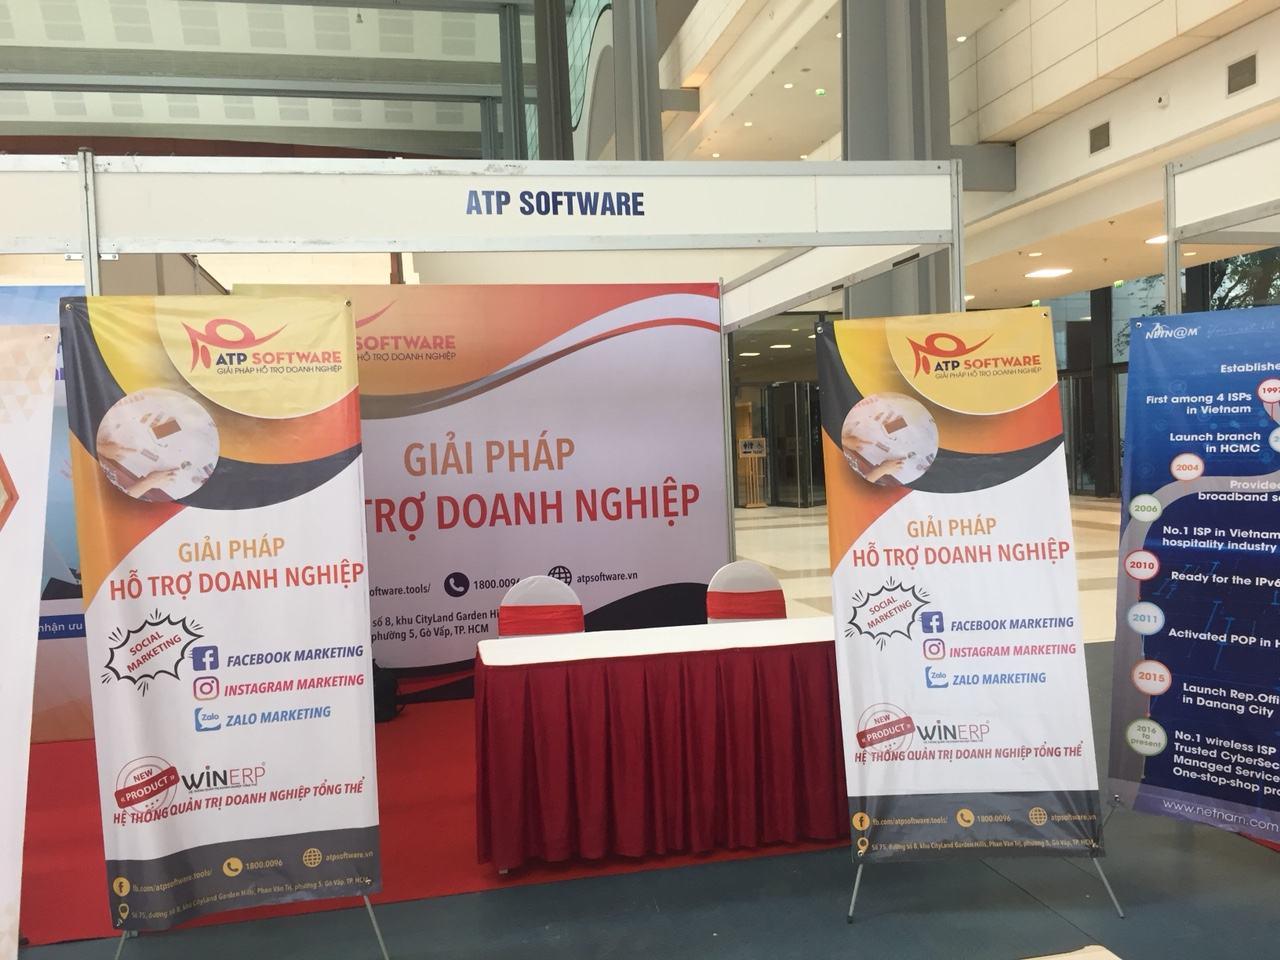 atp dn - Đến ngay gian hàng của ATP Software tại Sự kiện Marketing lớn nhất châu Á tại Hà Nội để nhận nhiều ưu đãi